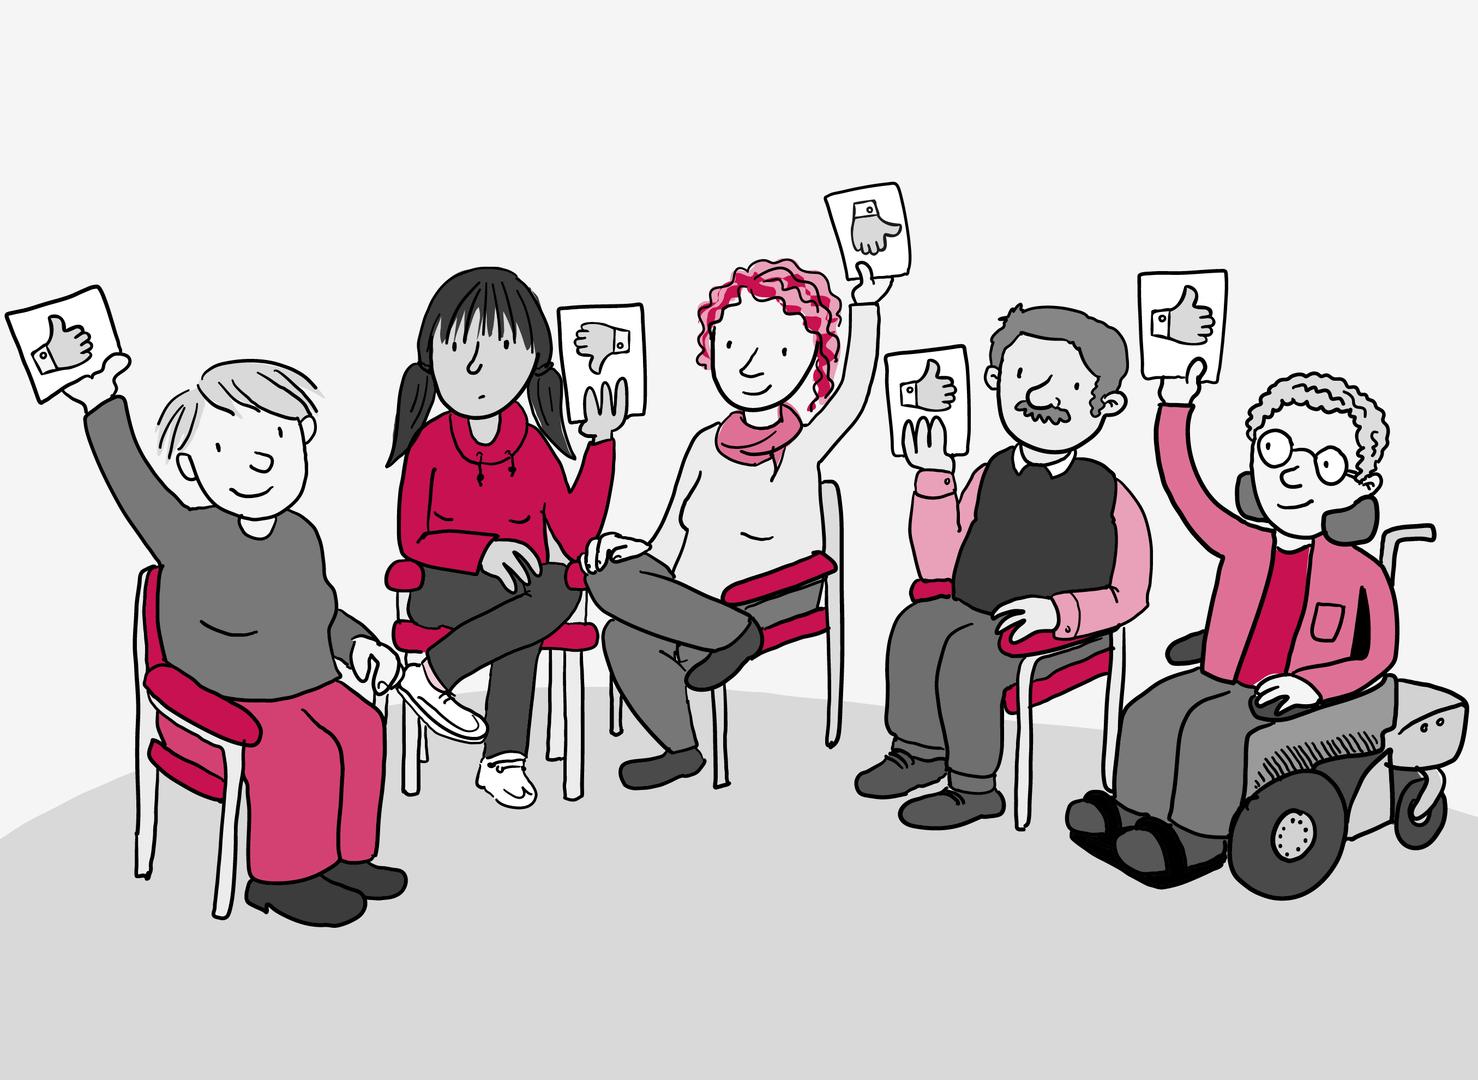 5 Menschen sitzen in einem Halbkreis. Sie heben Abstimmungs-Karten mit Daumen-Symbolen in die Höhe. 3 Karten zeigen den Daumen nach oben, eine Karte zeigt den Daumen nach unten und eine Karte zeigt den Daumen waagerecht.